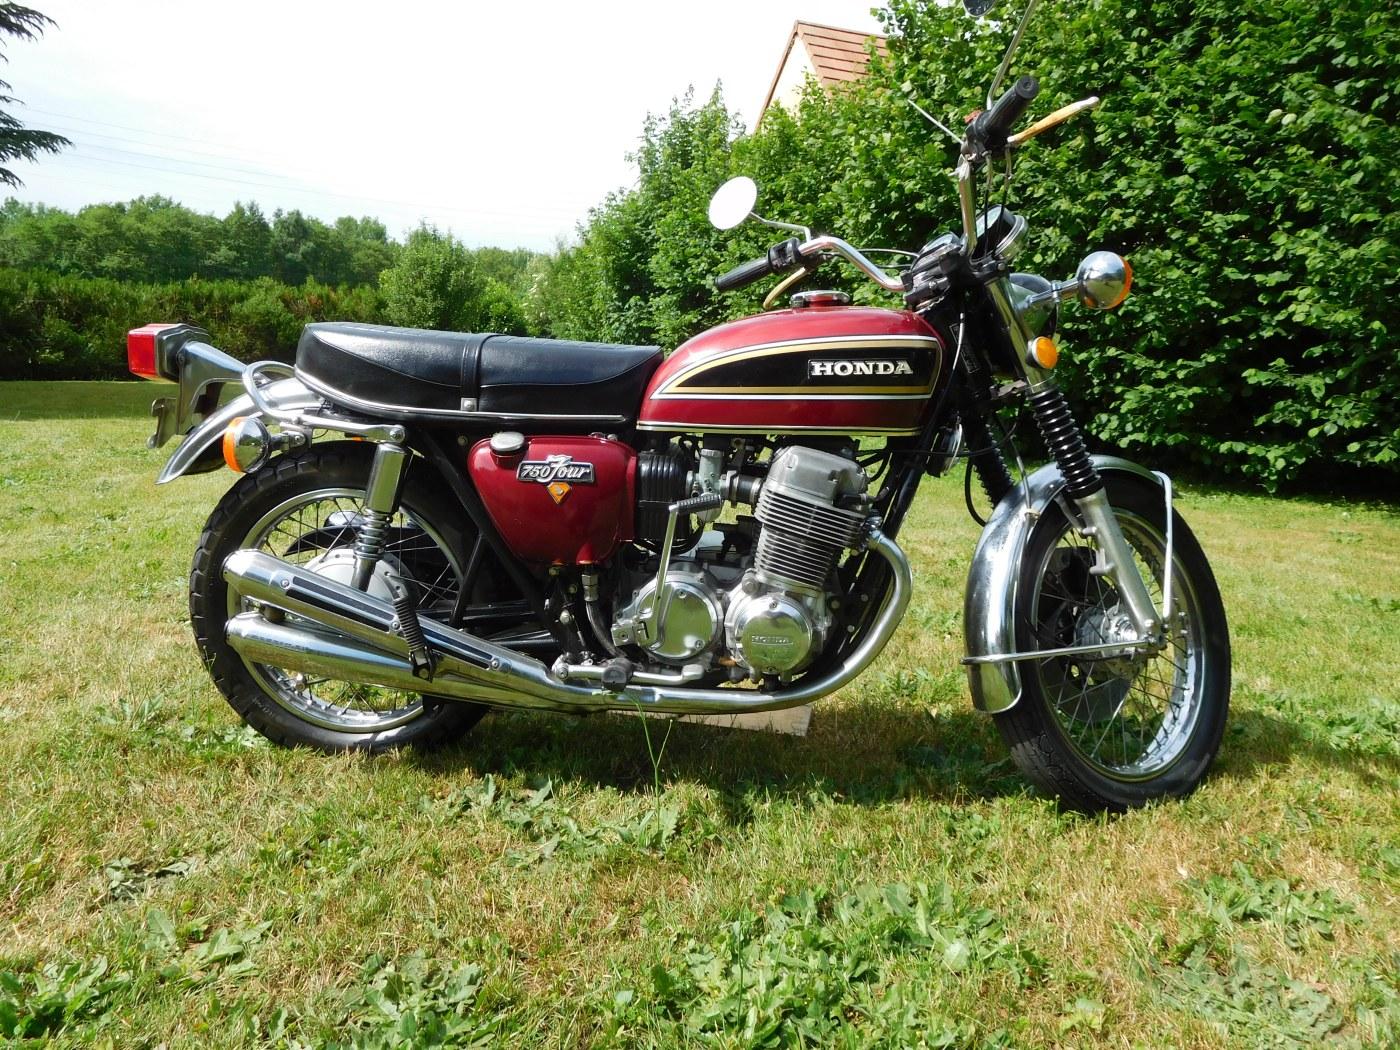 63-HONDA-CB-750-FOUR-K6-1976